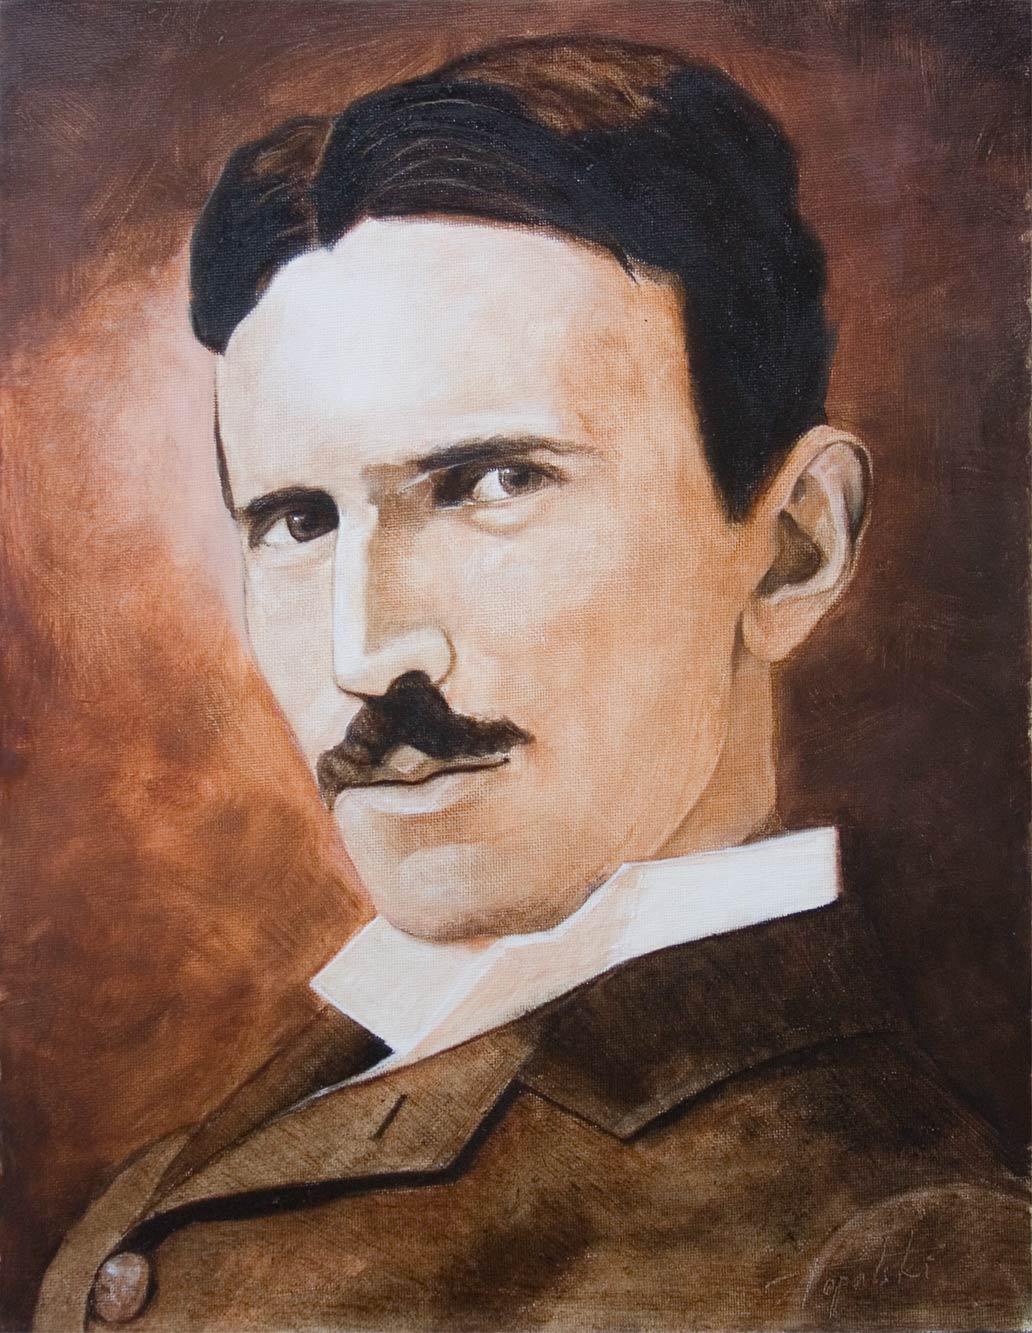 Umetnička Slika - Nikola Tesla Sepija Portret - 40x30cm, 2011. Ulje na platnu umetnik Darko Topalski